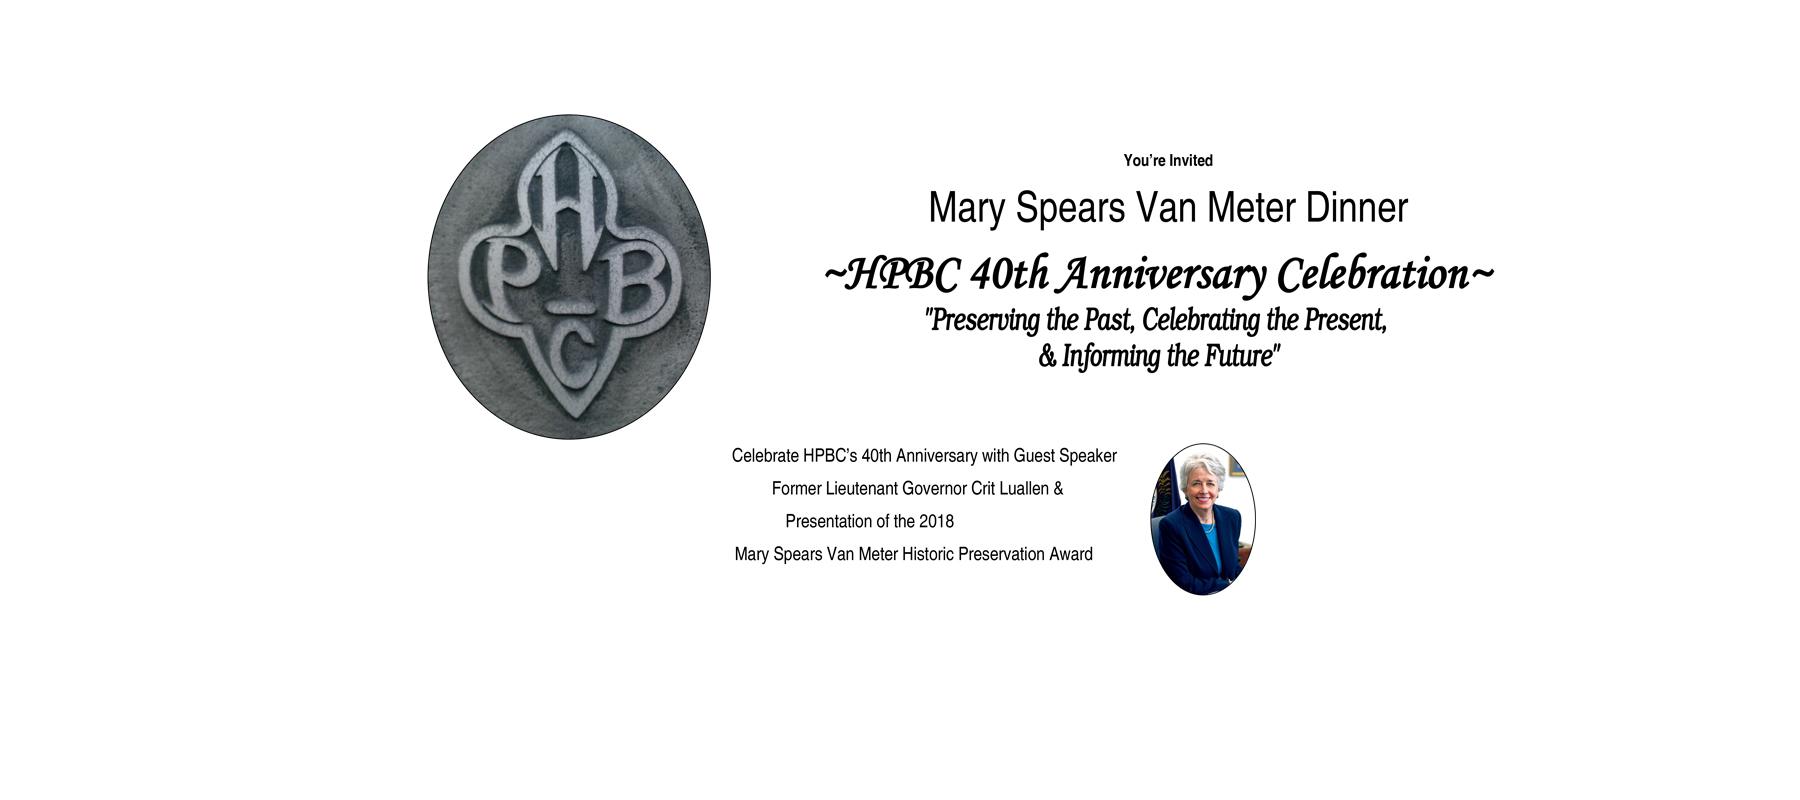 Mary Spears Van Meter Dinner.